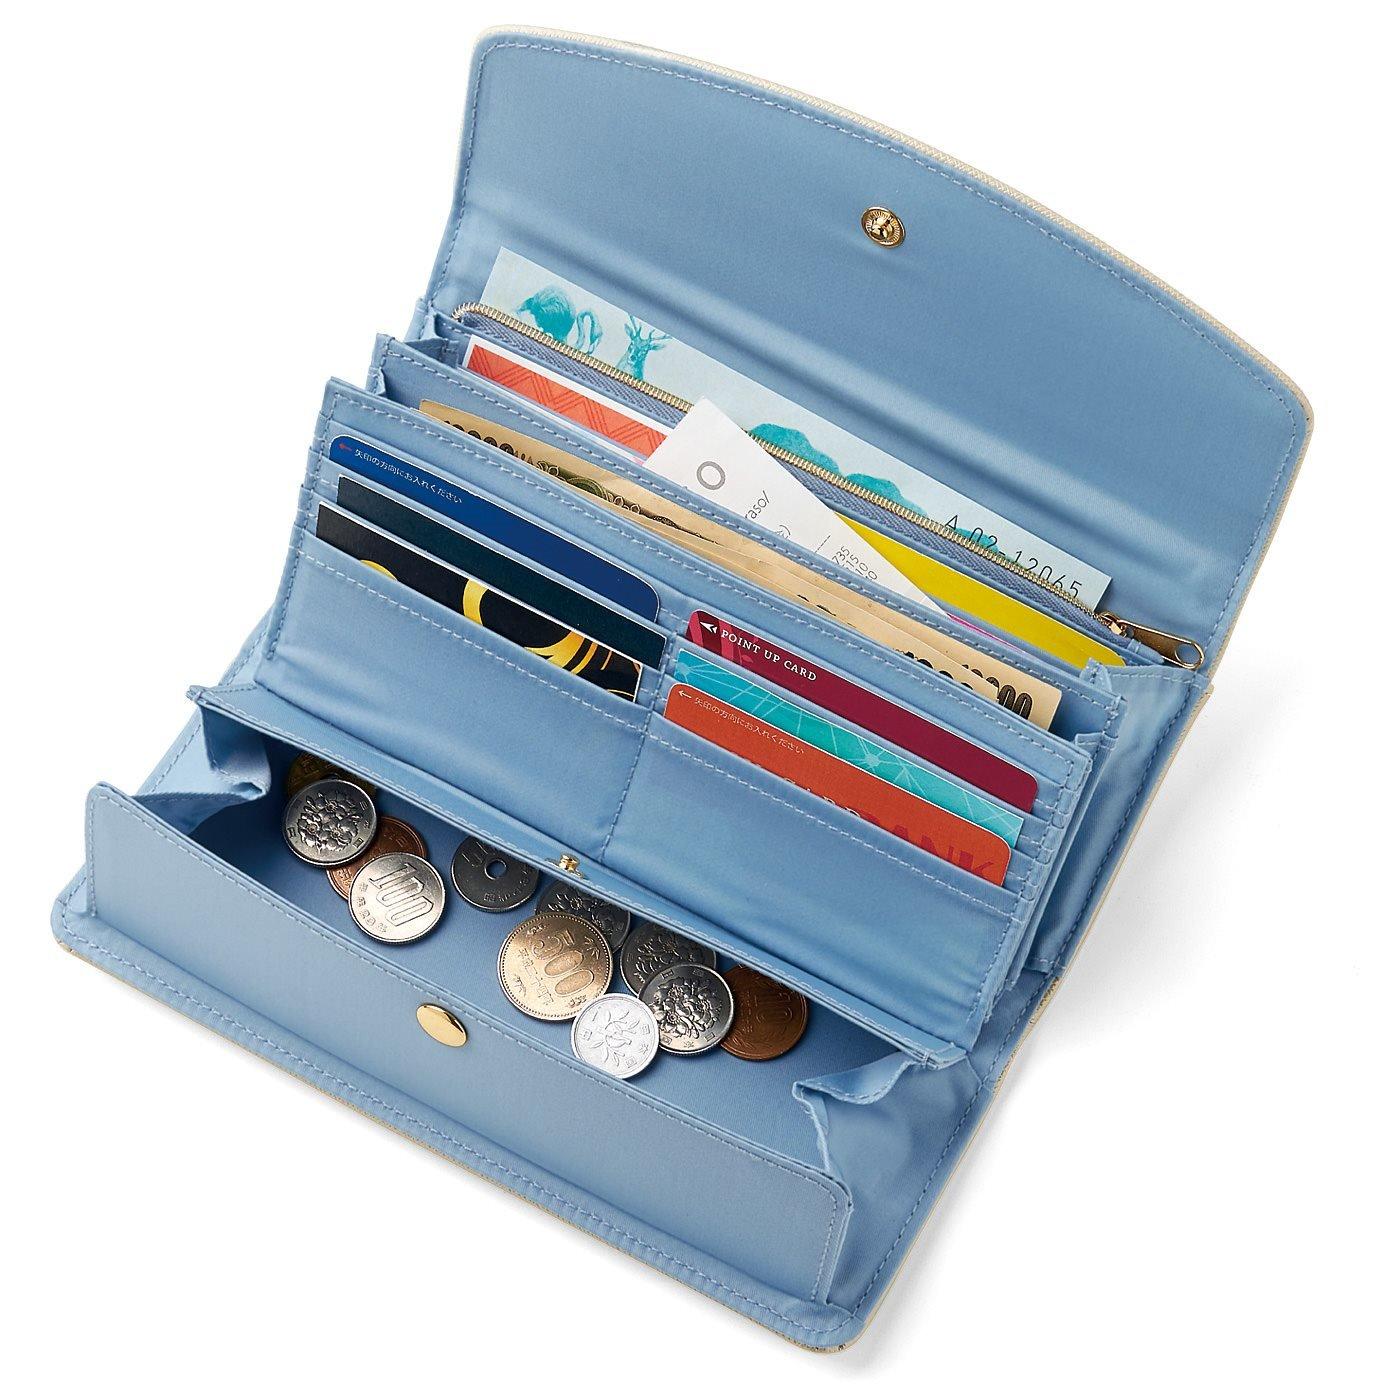 シャインカラーで気分もアップ 大人の賢い7つ星 収納上手な長財布